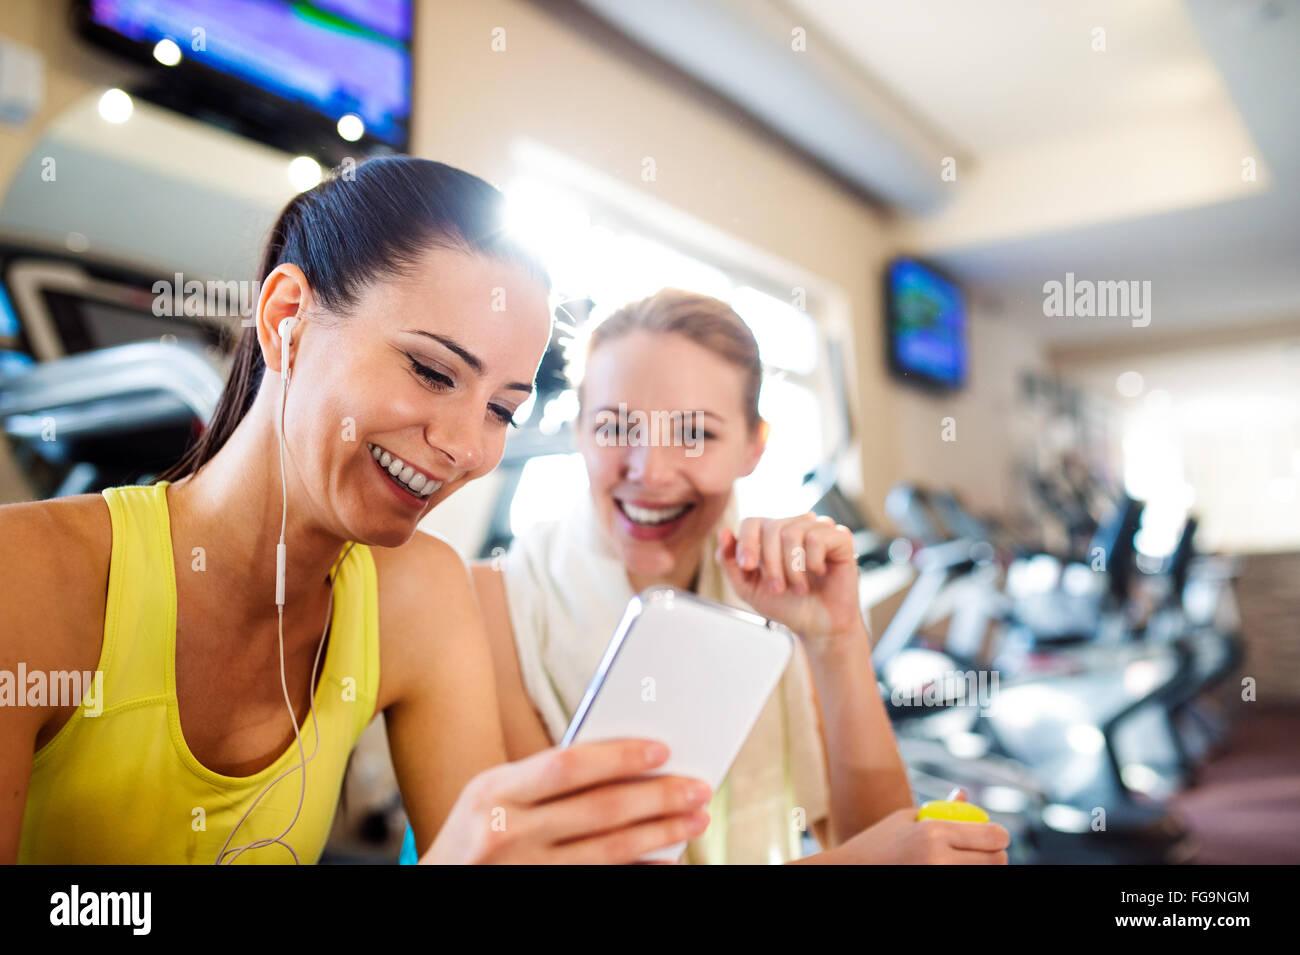 Colocar dos atractivas mujeres en gimnasio con teléfonos inteligentes. Imagen De Stock